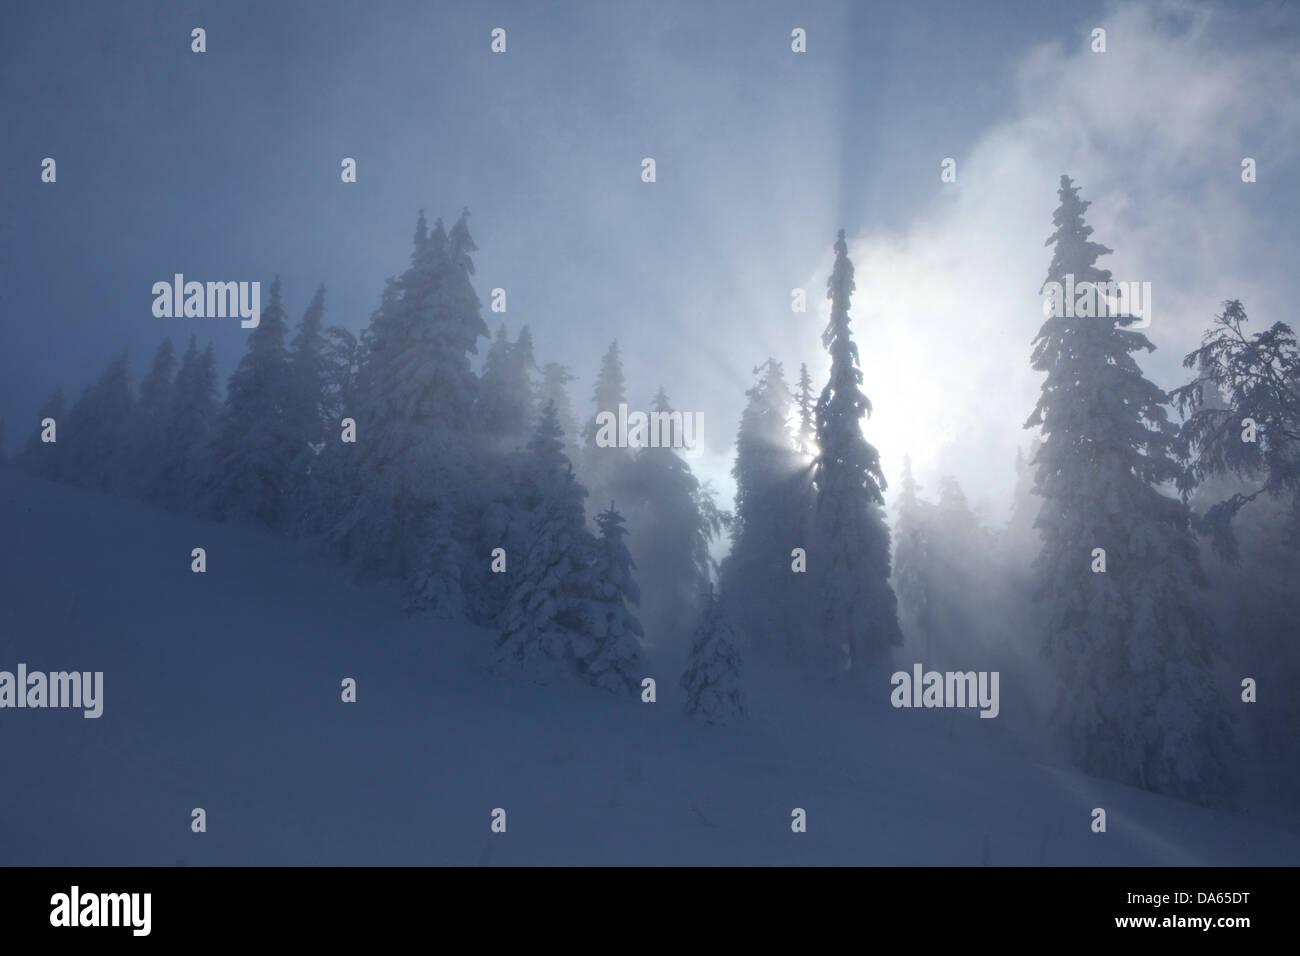 Inverno alberi, inverno, Canton, VD, Vaud, neve, albero, alberi, legno, la foresta, la neve, abeti, Svizzera, Europa, Immagini Stock